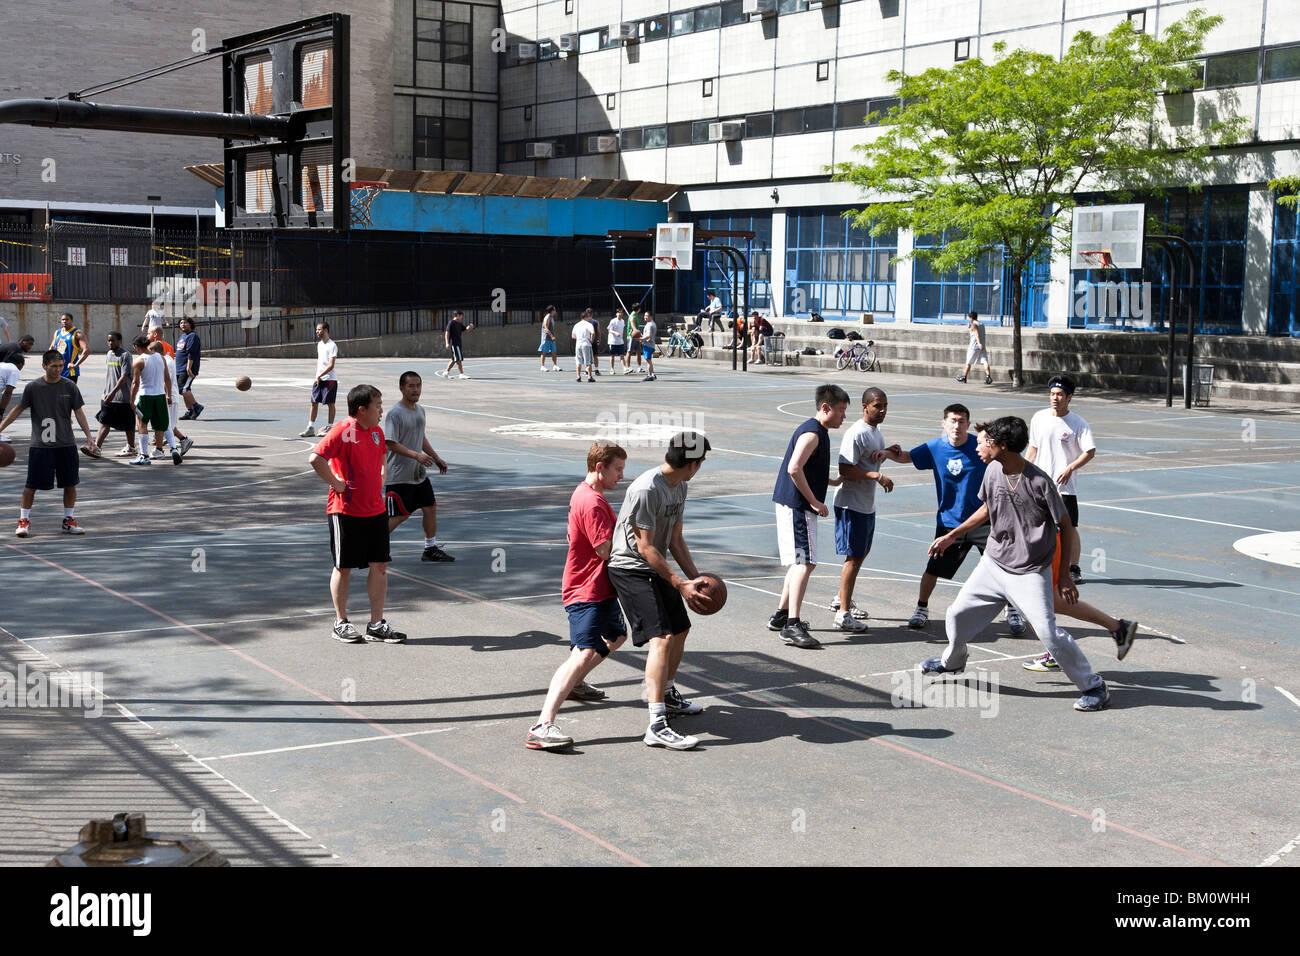 Match de basket-ball de rue multiethnique en cours au soleil du printemps sur la haute cour de l'école Photo Stock